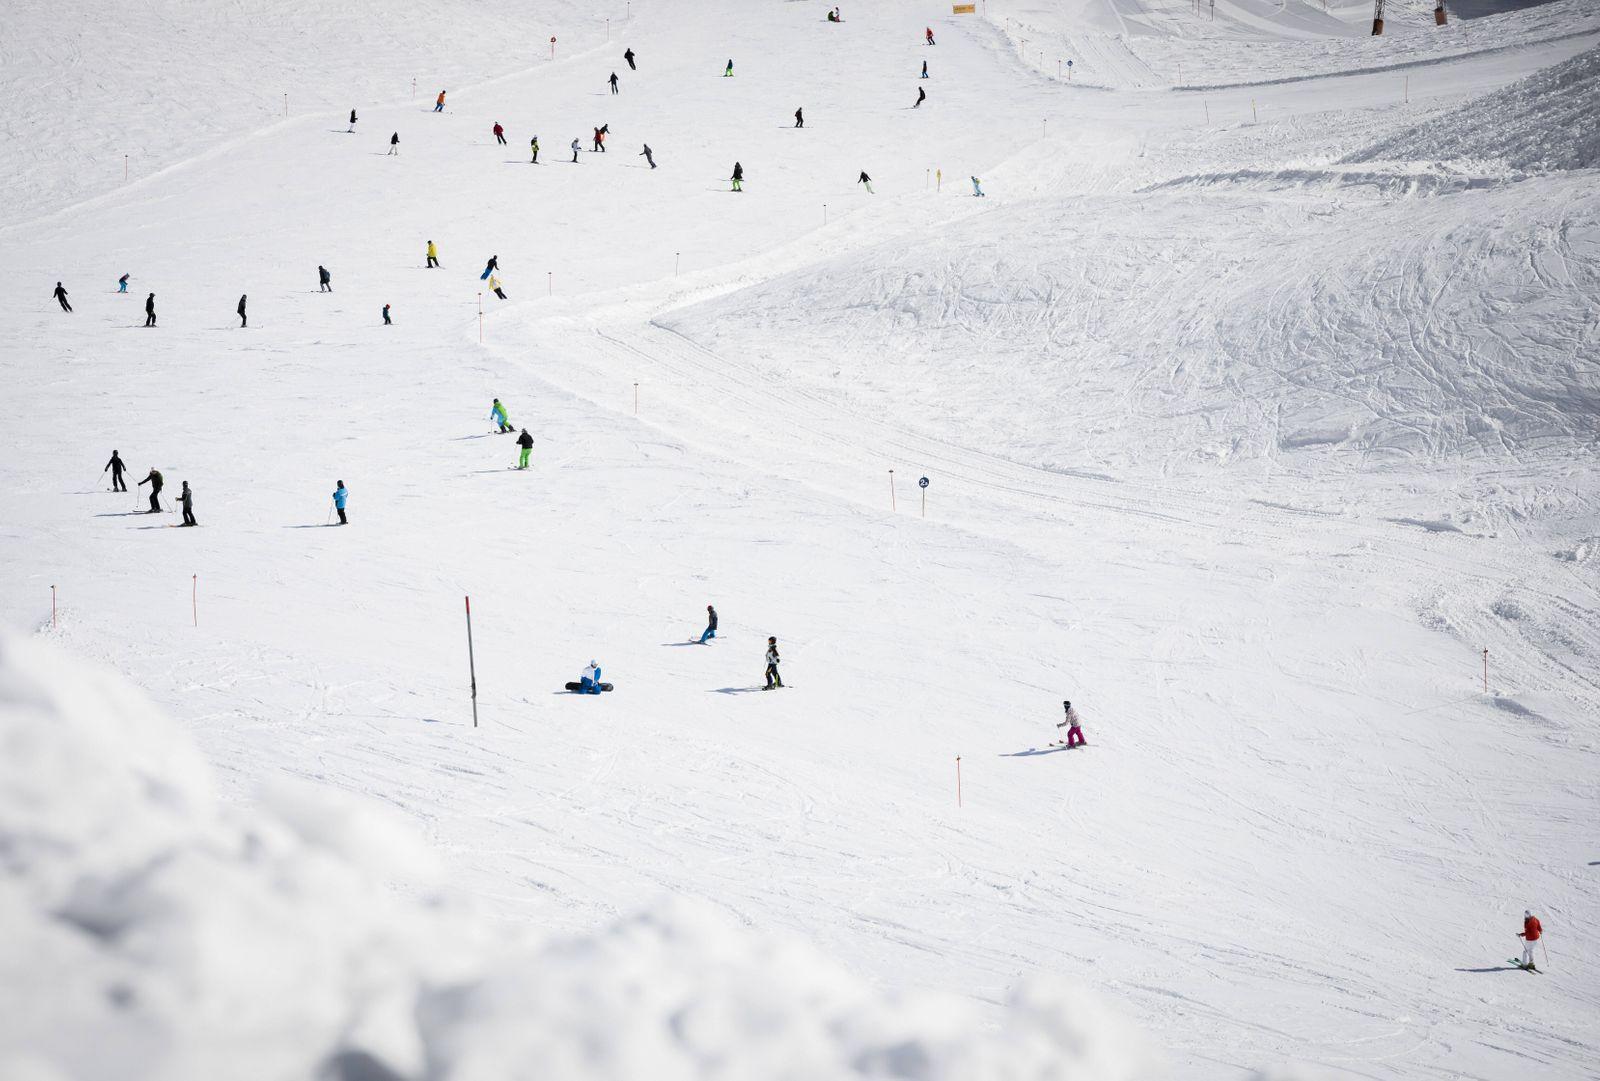 Viele SkifahrerInnen fahren die Zugspitze herunter. 26.02.2019. Garmisch Deutschland *** Many skiers descend the Zugspit